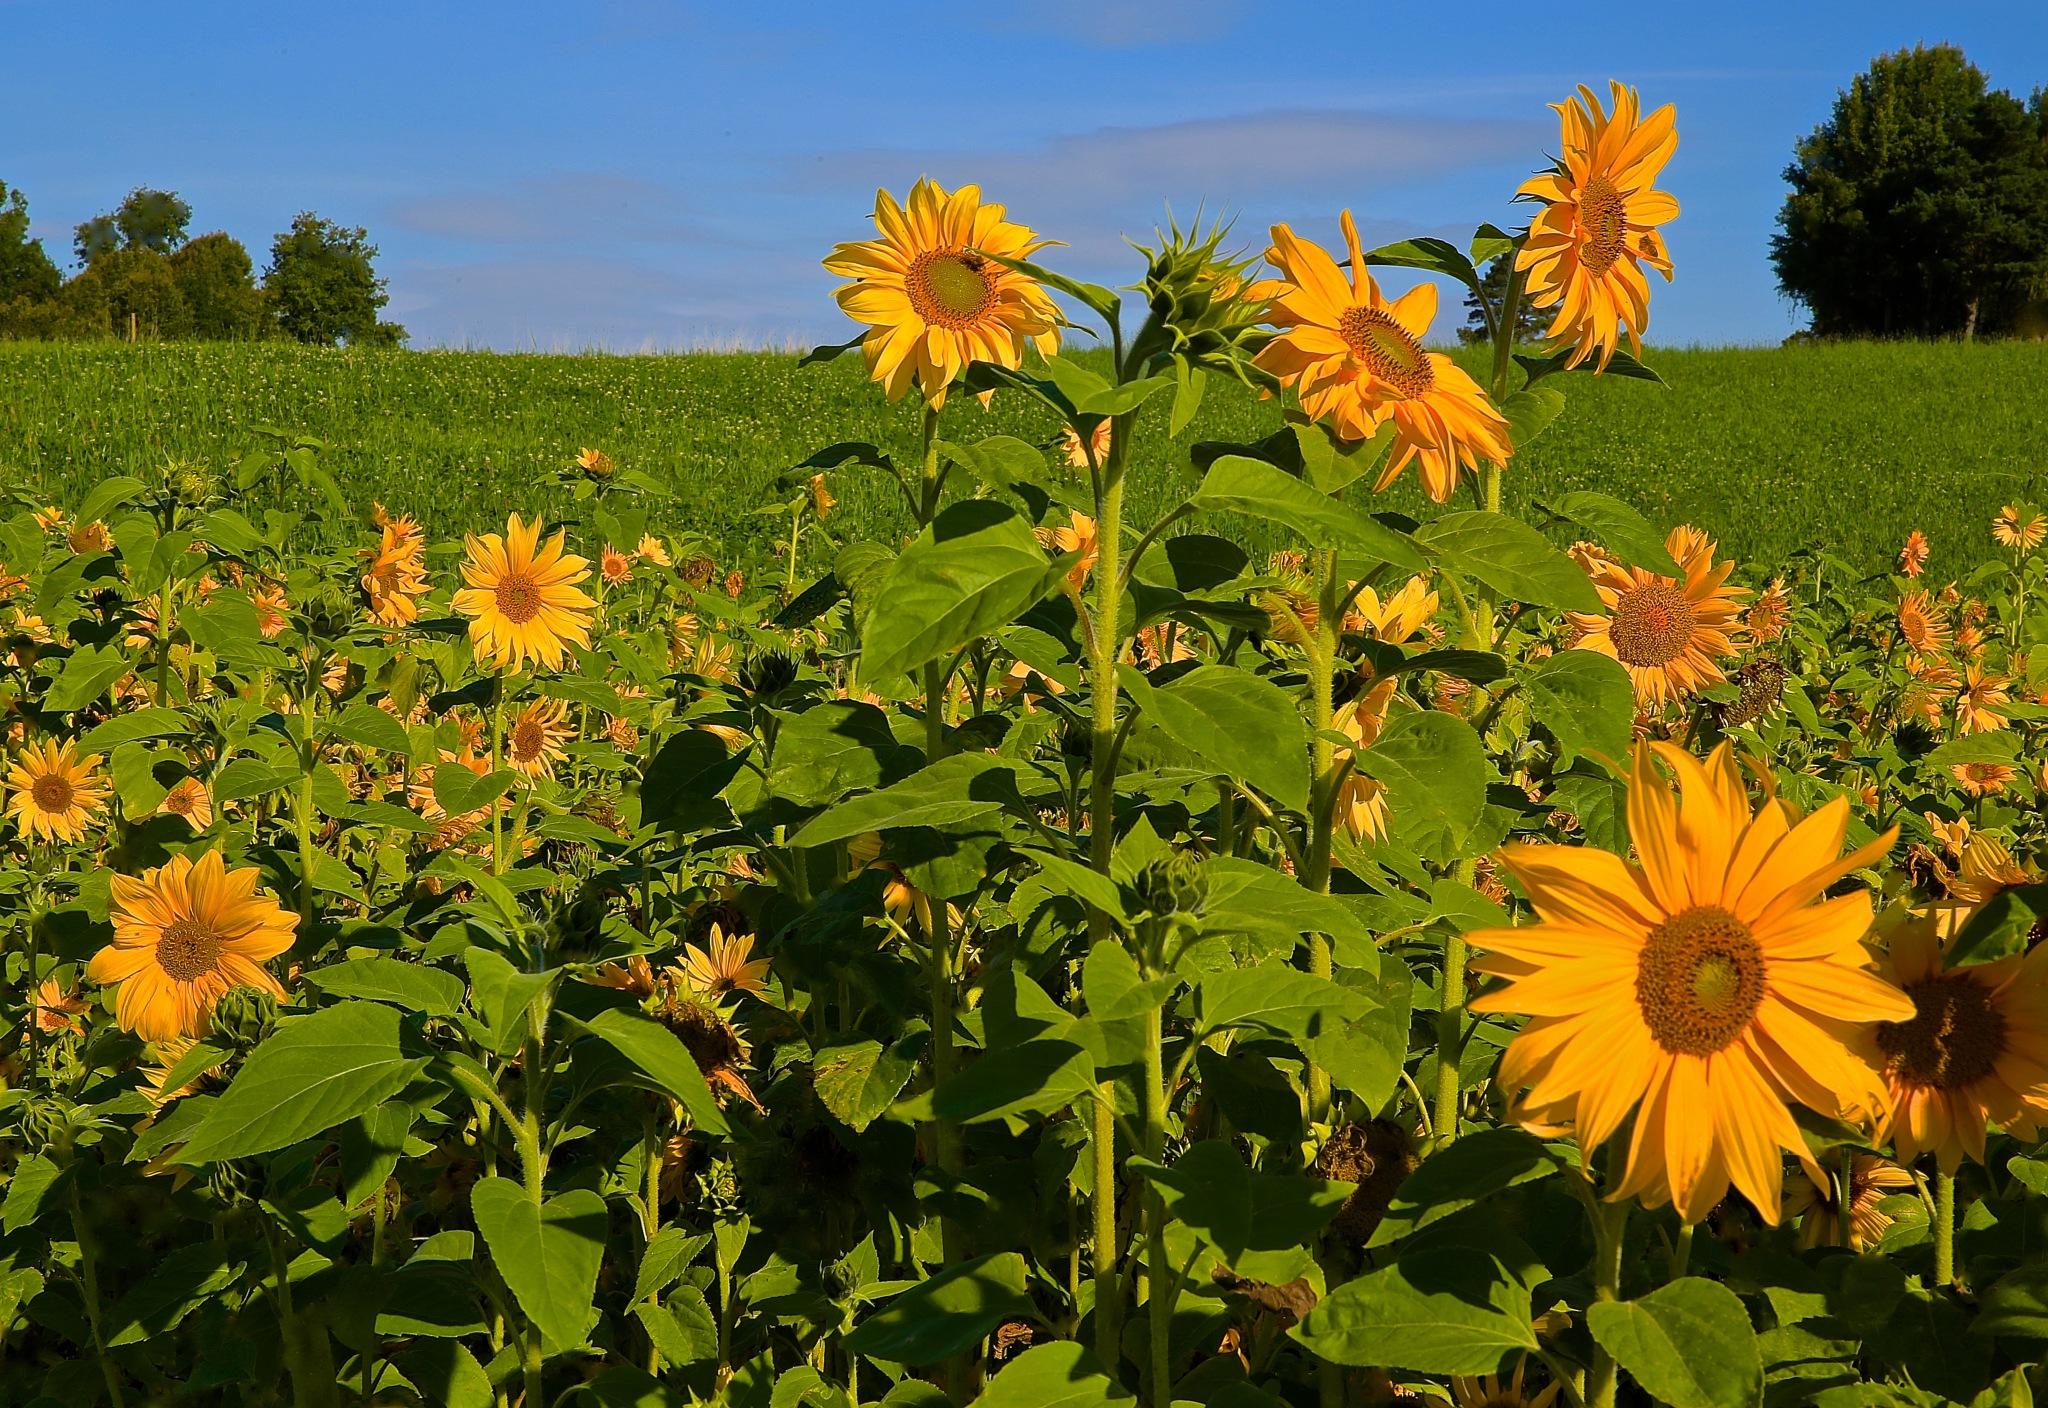 Happy flowers by Bildmartin